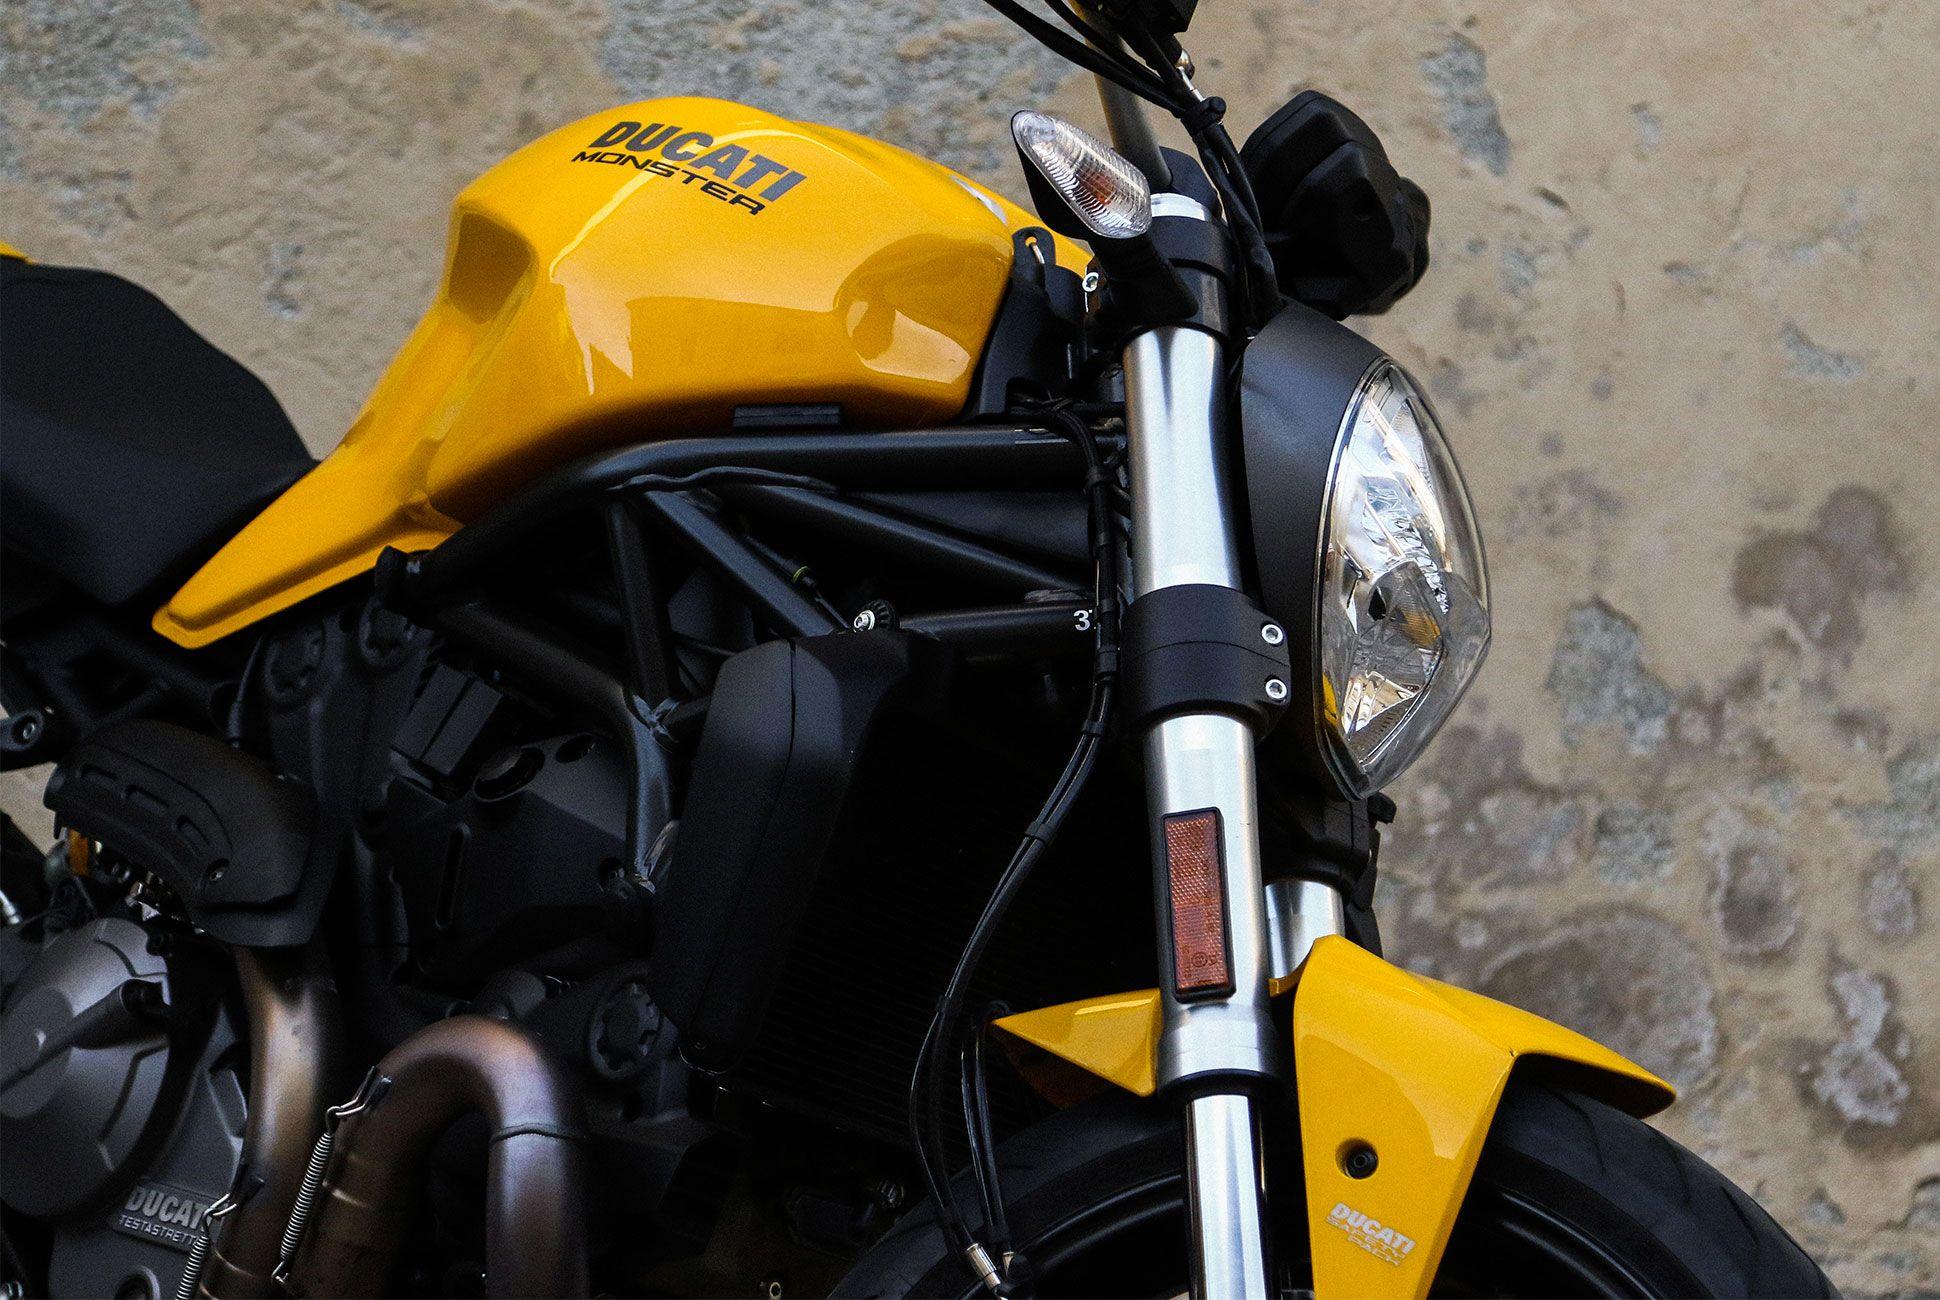 Ducati-821-Monster-Review-gear-patrol-6